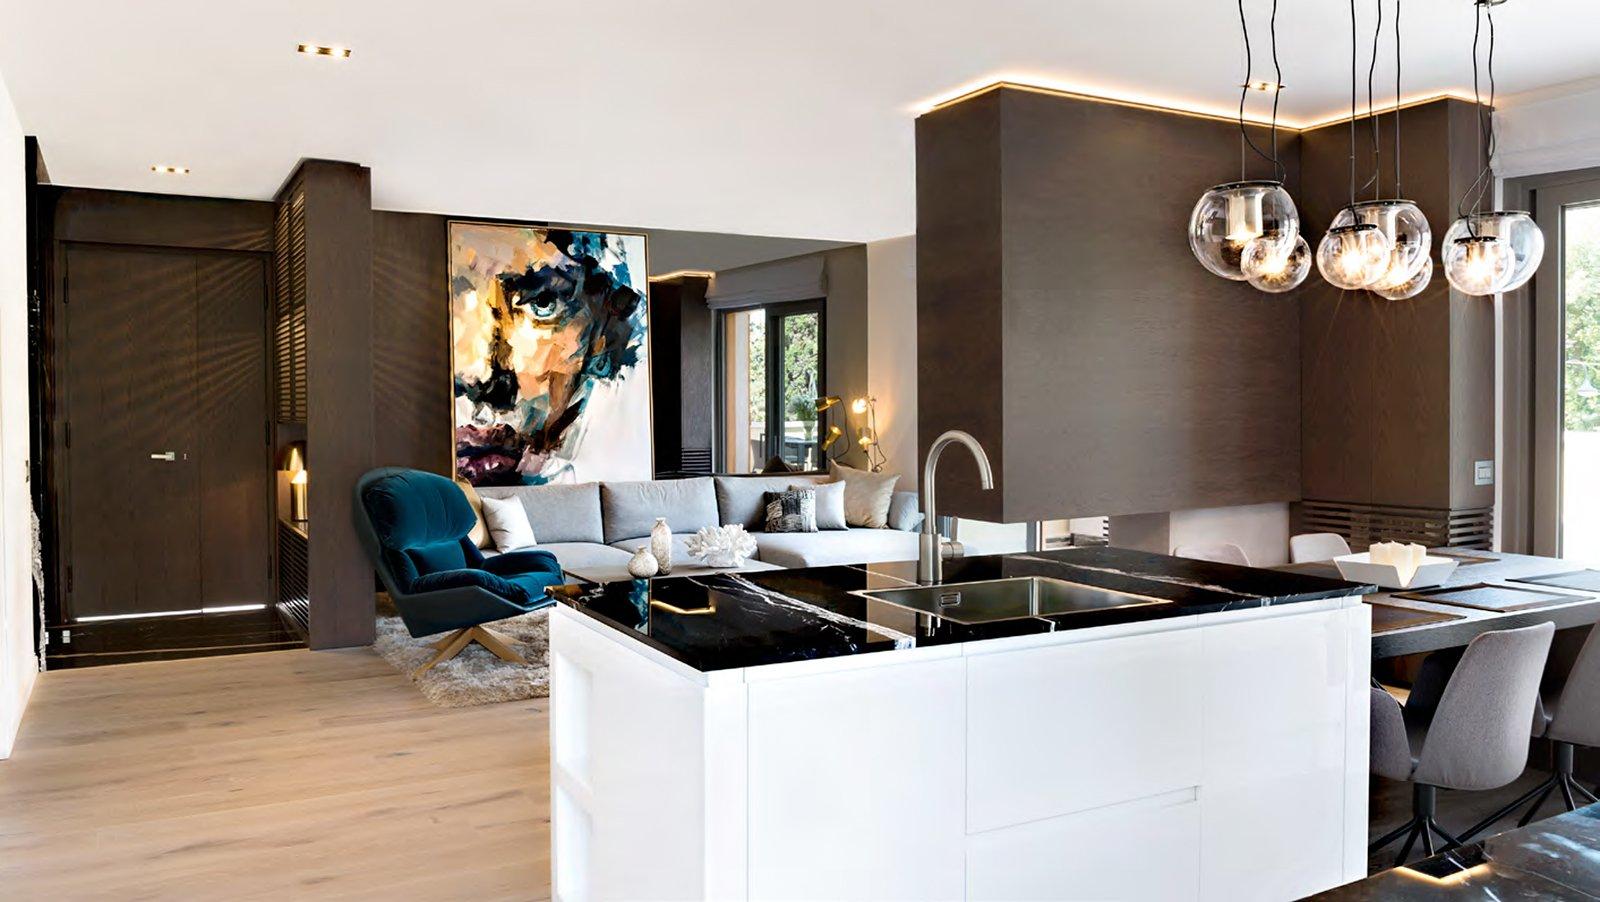 Lago di Garda - Italy - Interior Design in Marbella